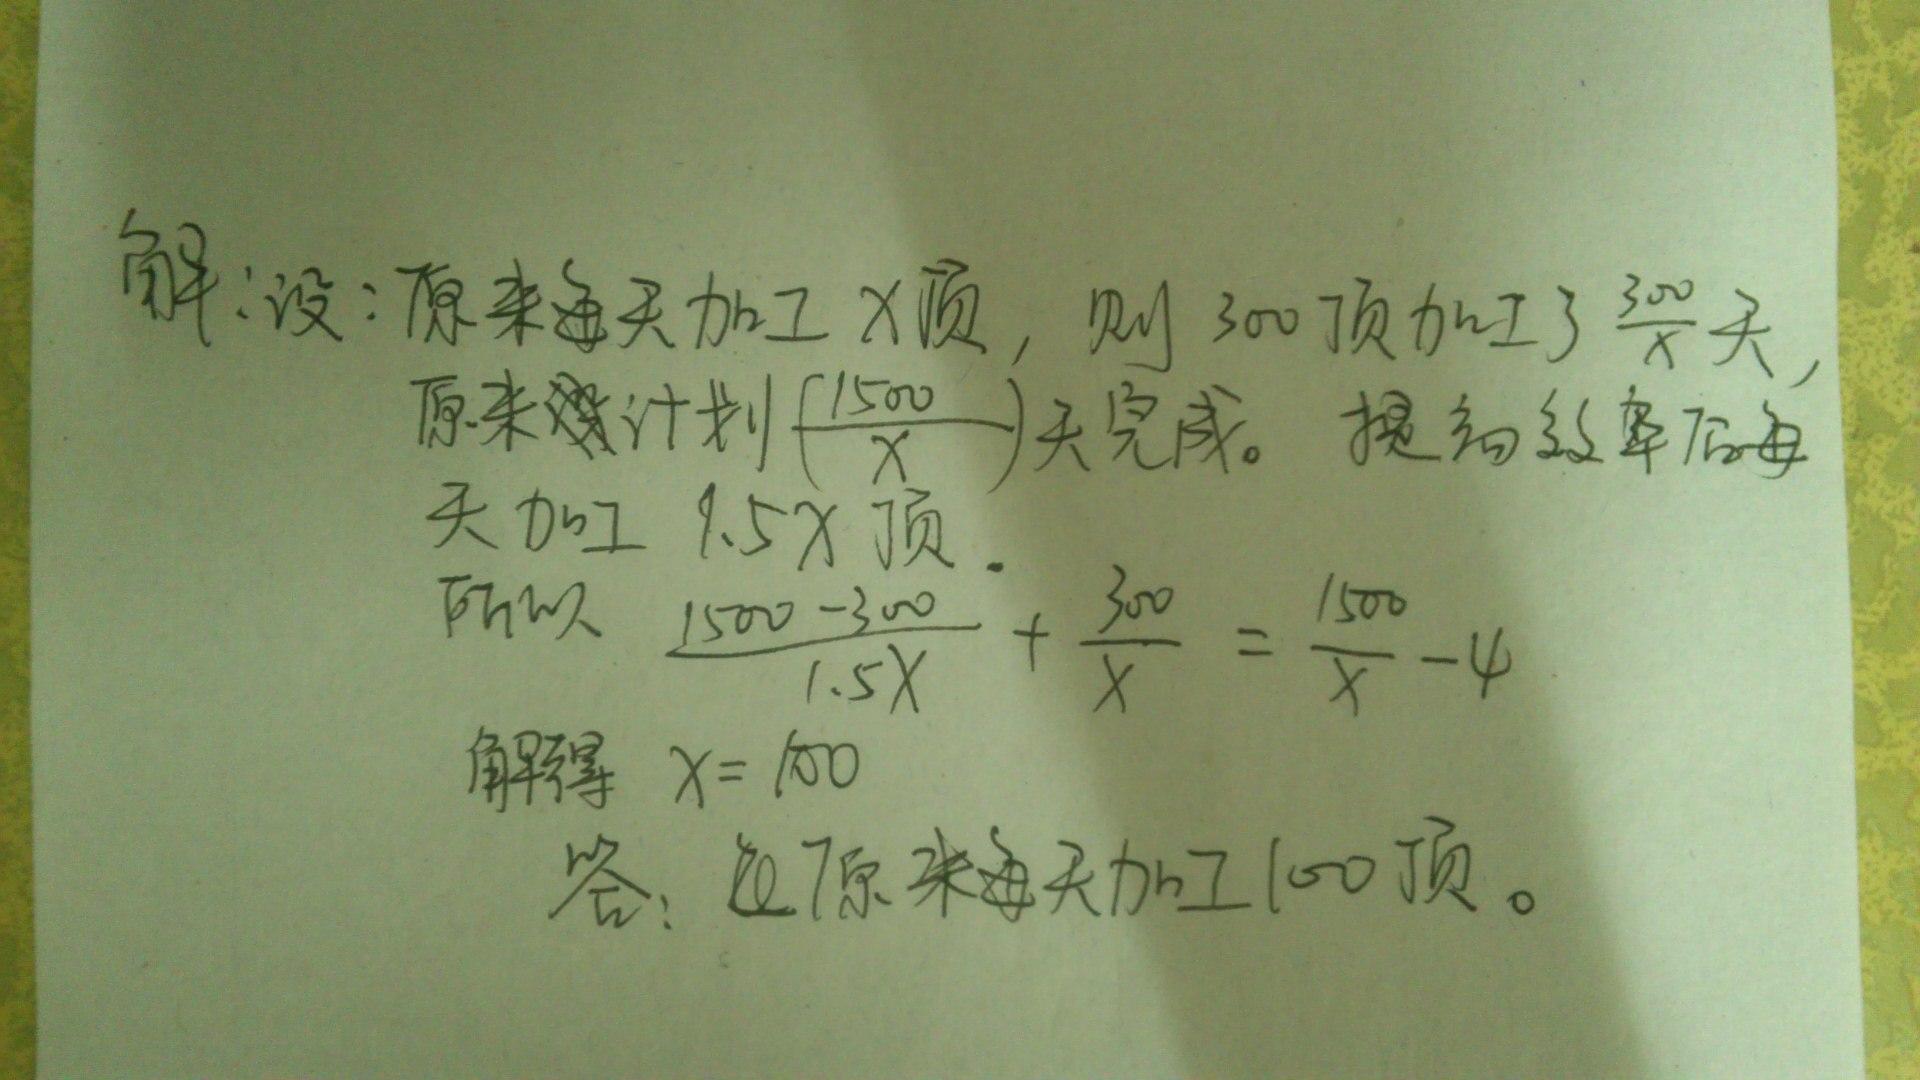 七年级下册数学综合能力训练答案,七年级下册数学综合,七年级下册